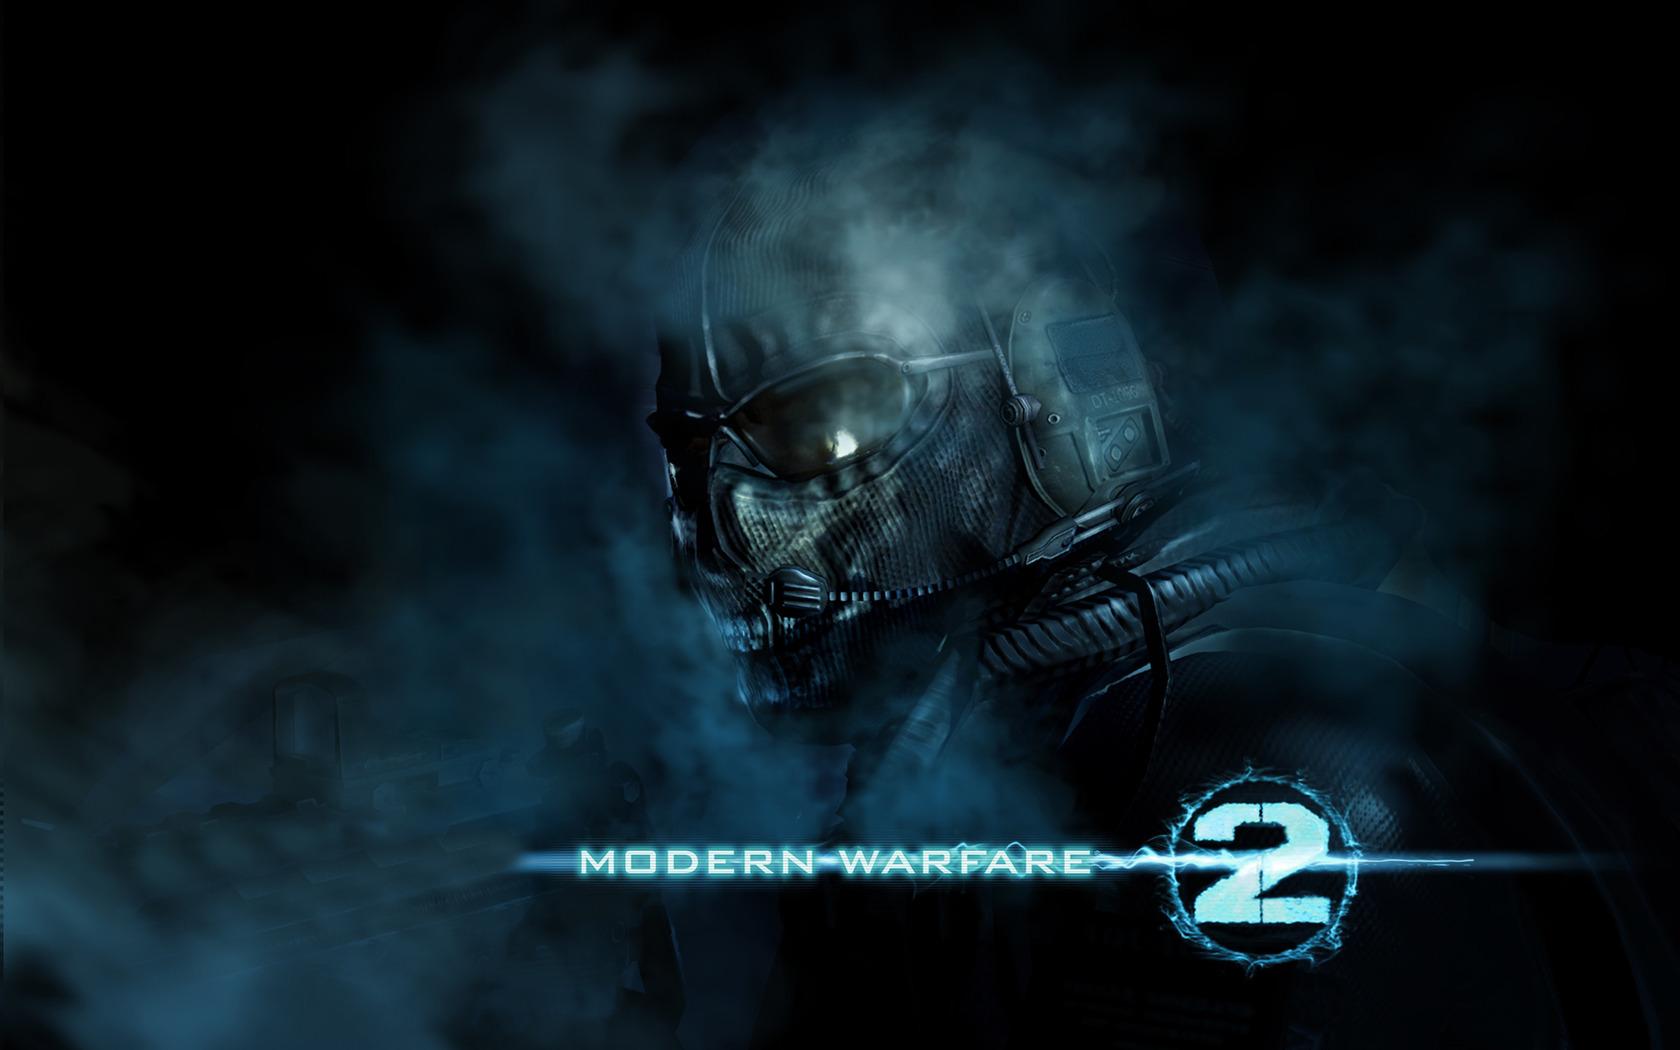 Download Call Of Duty Modern Warfare 2 Wallpaper Wide Screen